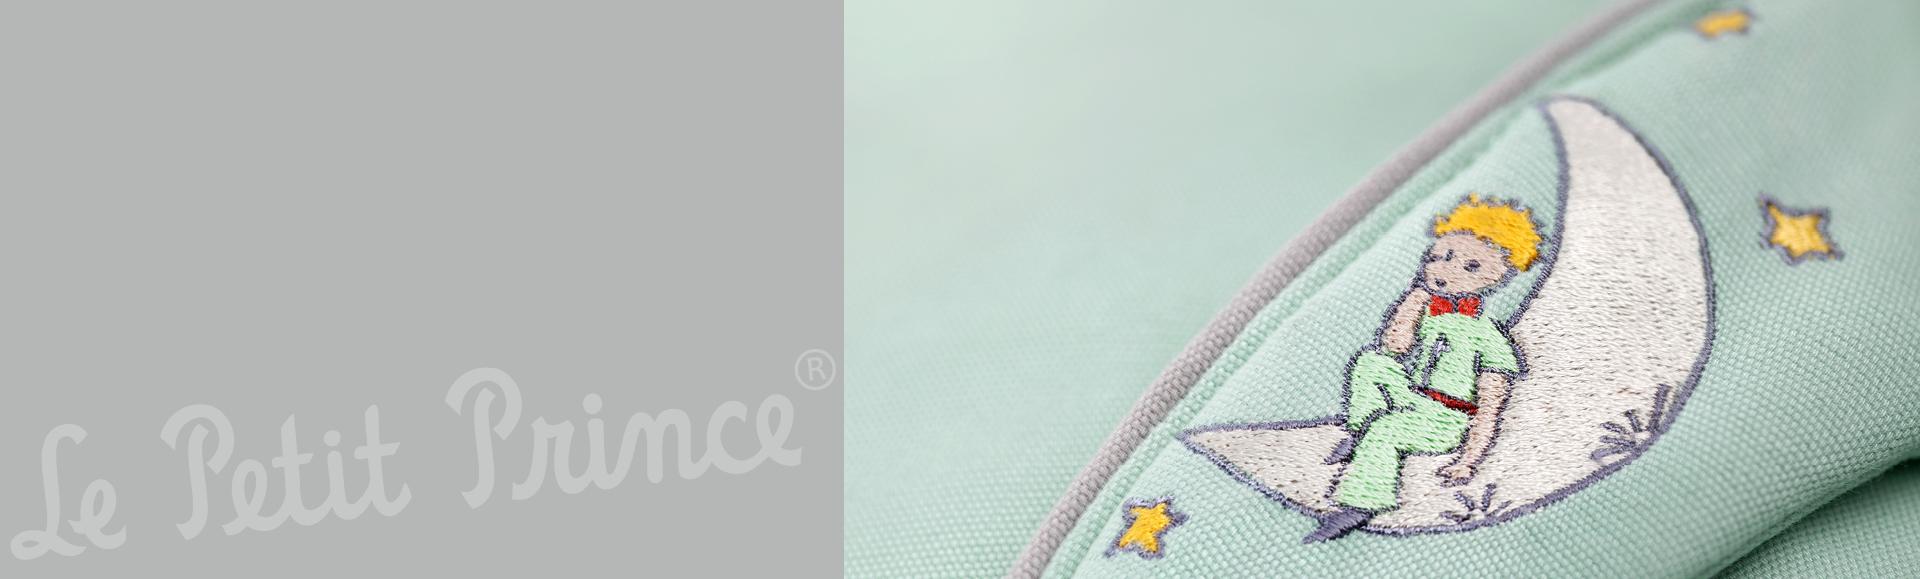 Le Petit Prince by manduca XT